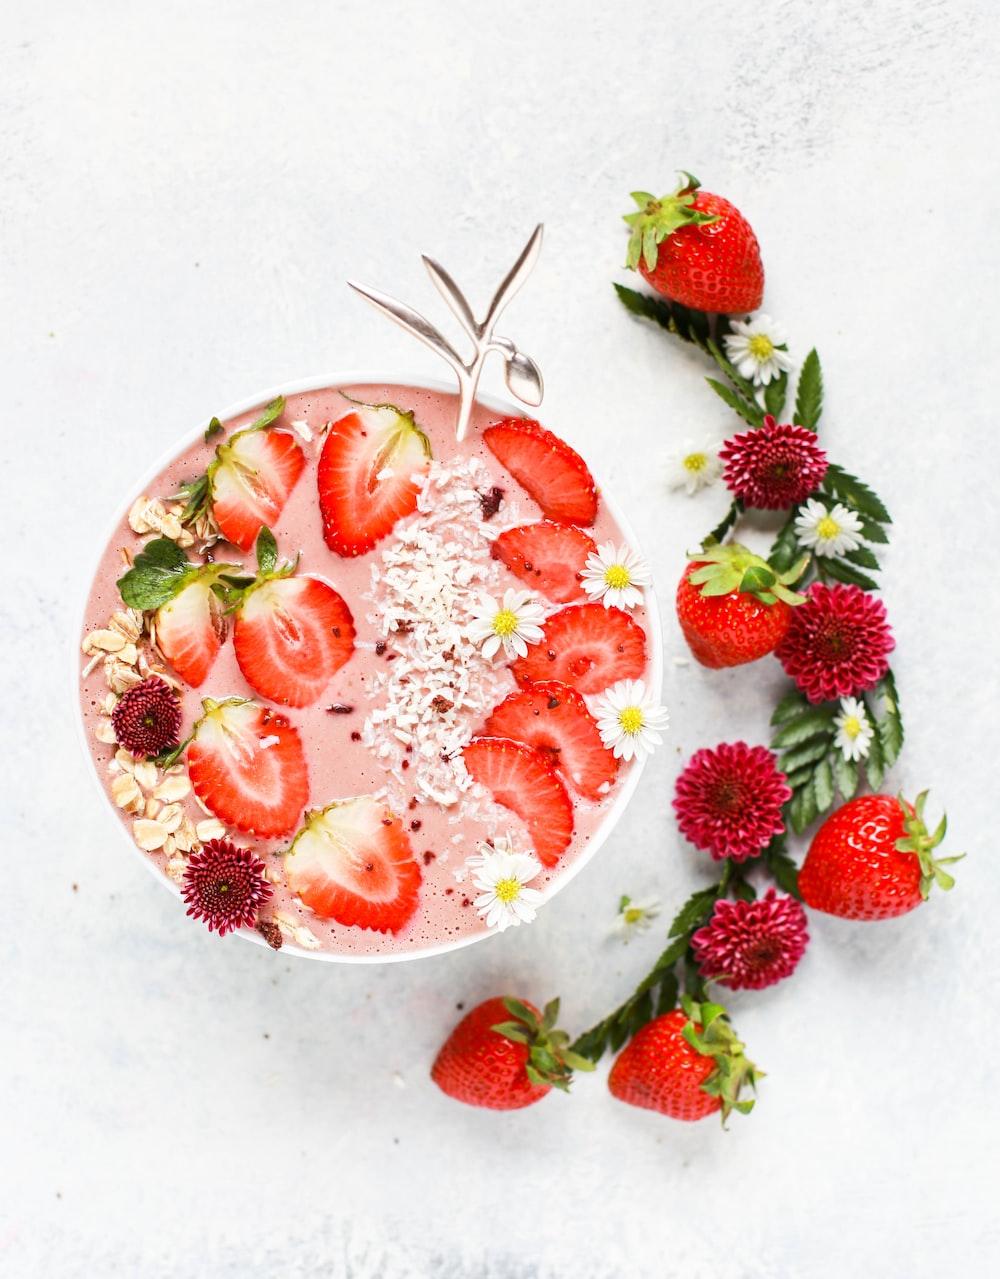 slice strawberry fruit on fruit shake with petaled flowers